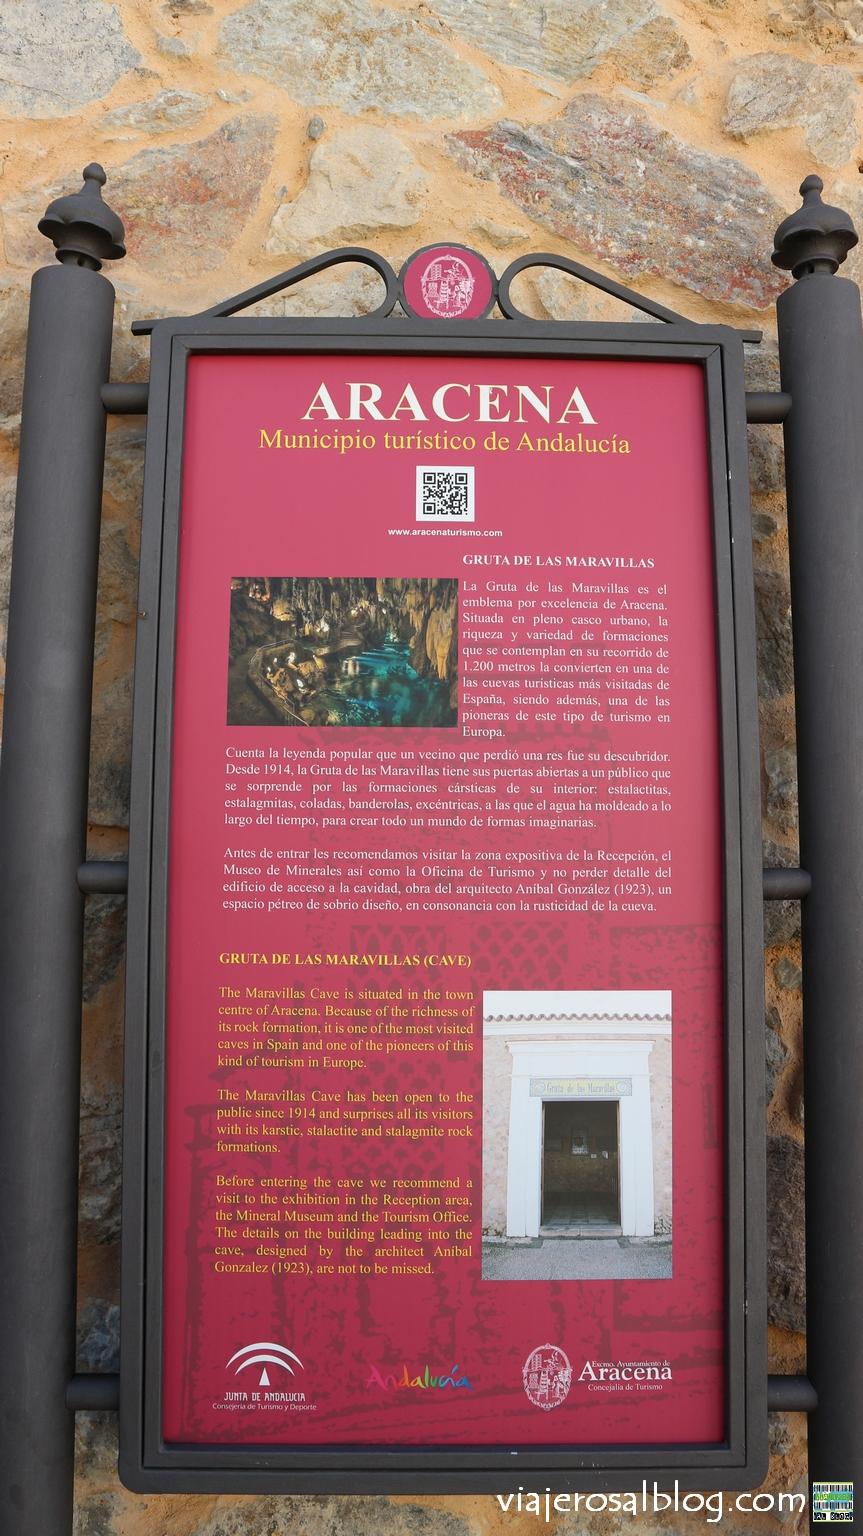 Gruta de las Maravillas. Un espectáculo en pleno centro de Aracena, Huelva.